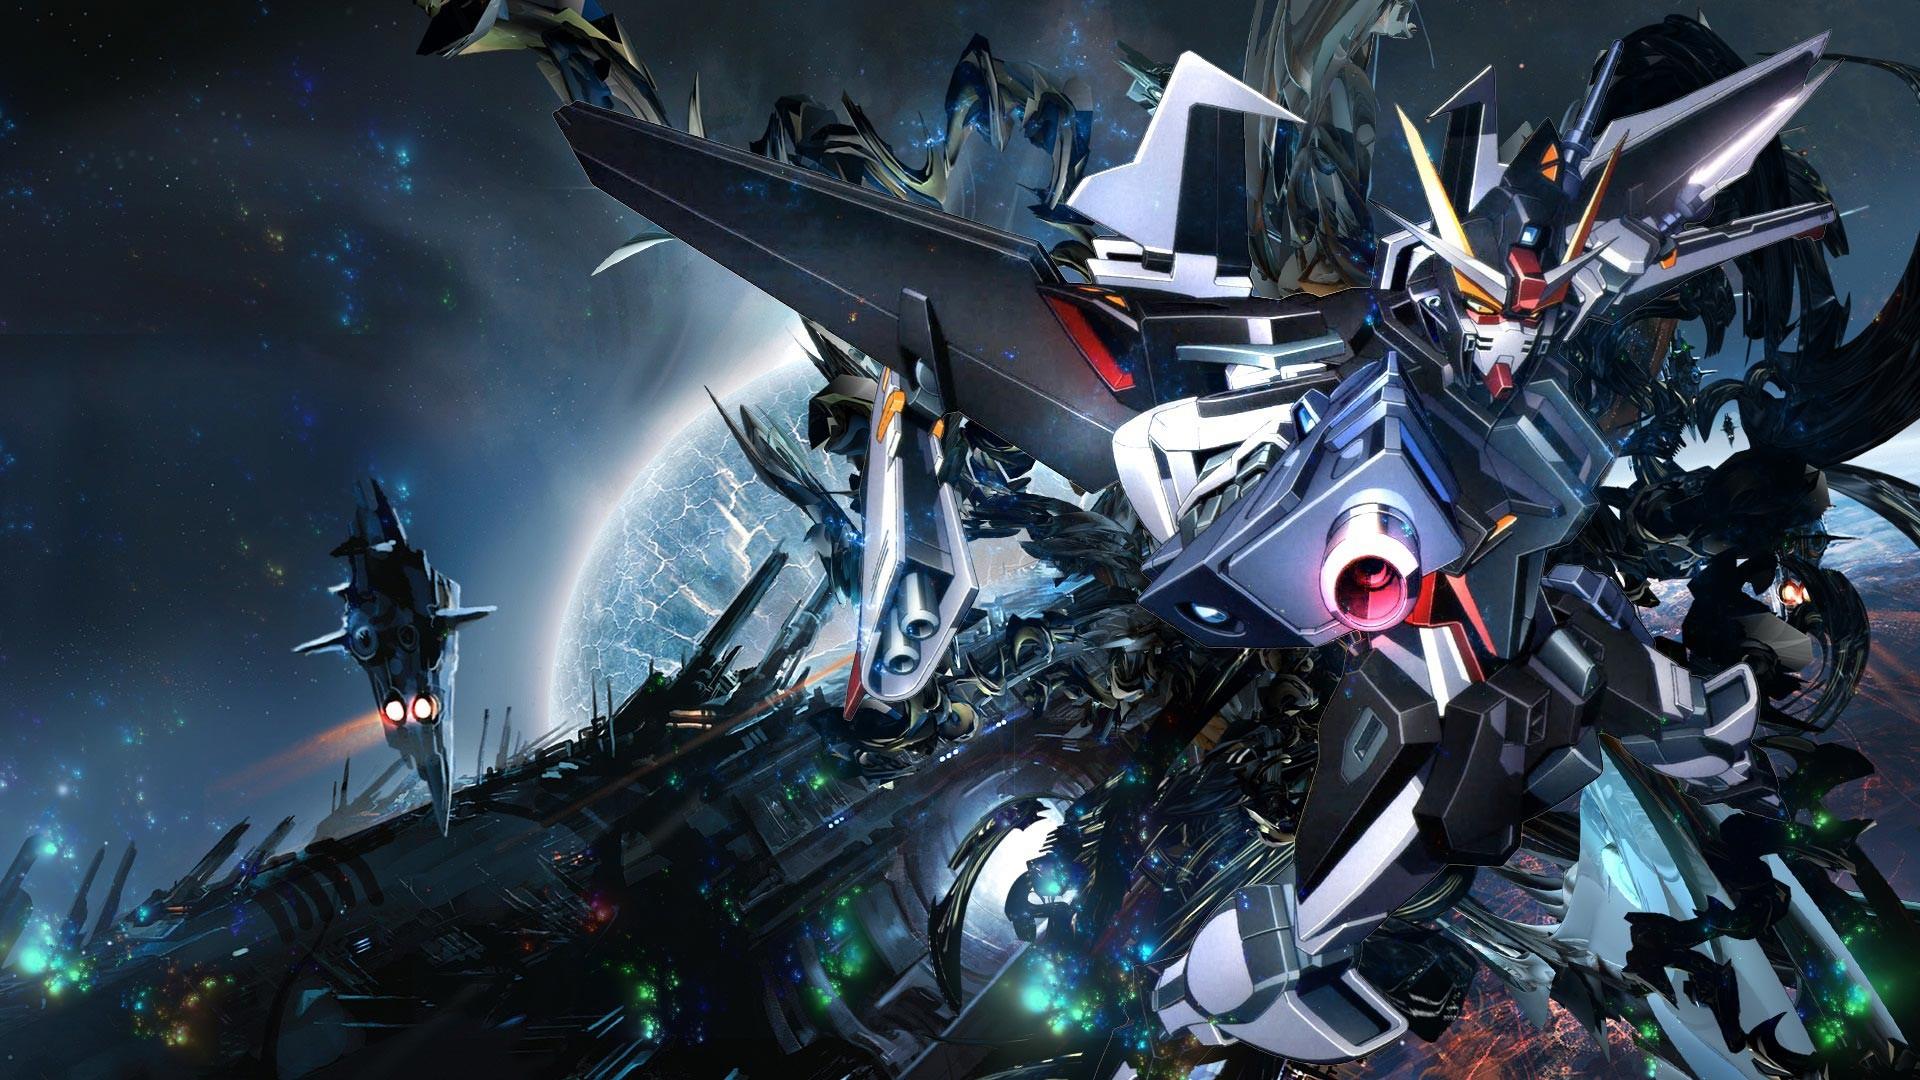 Gundam – wallpaper HD